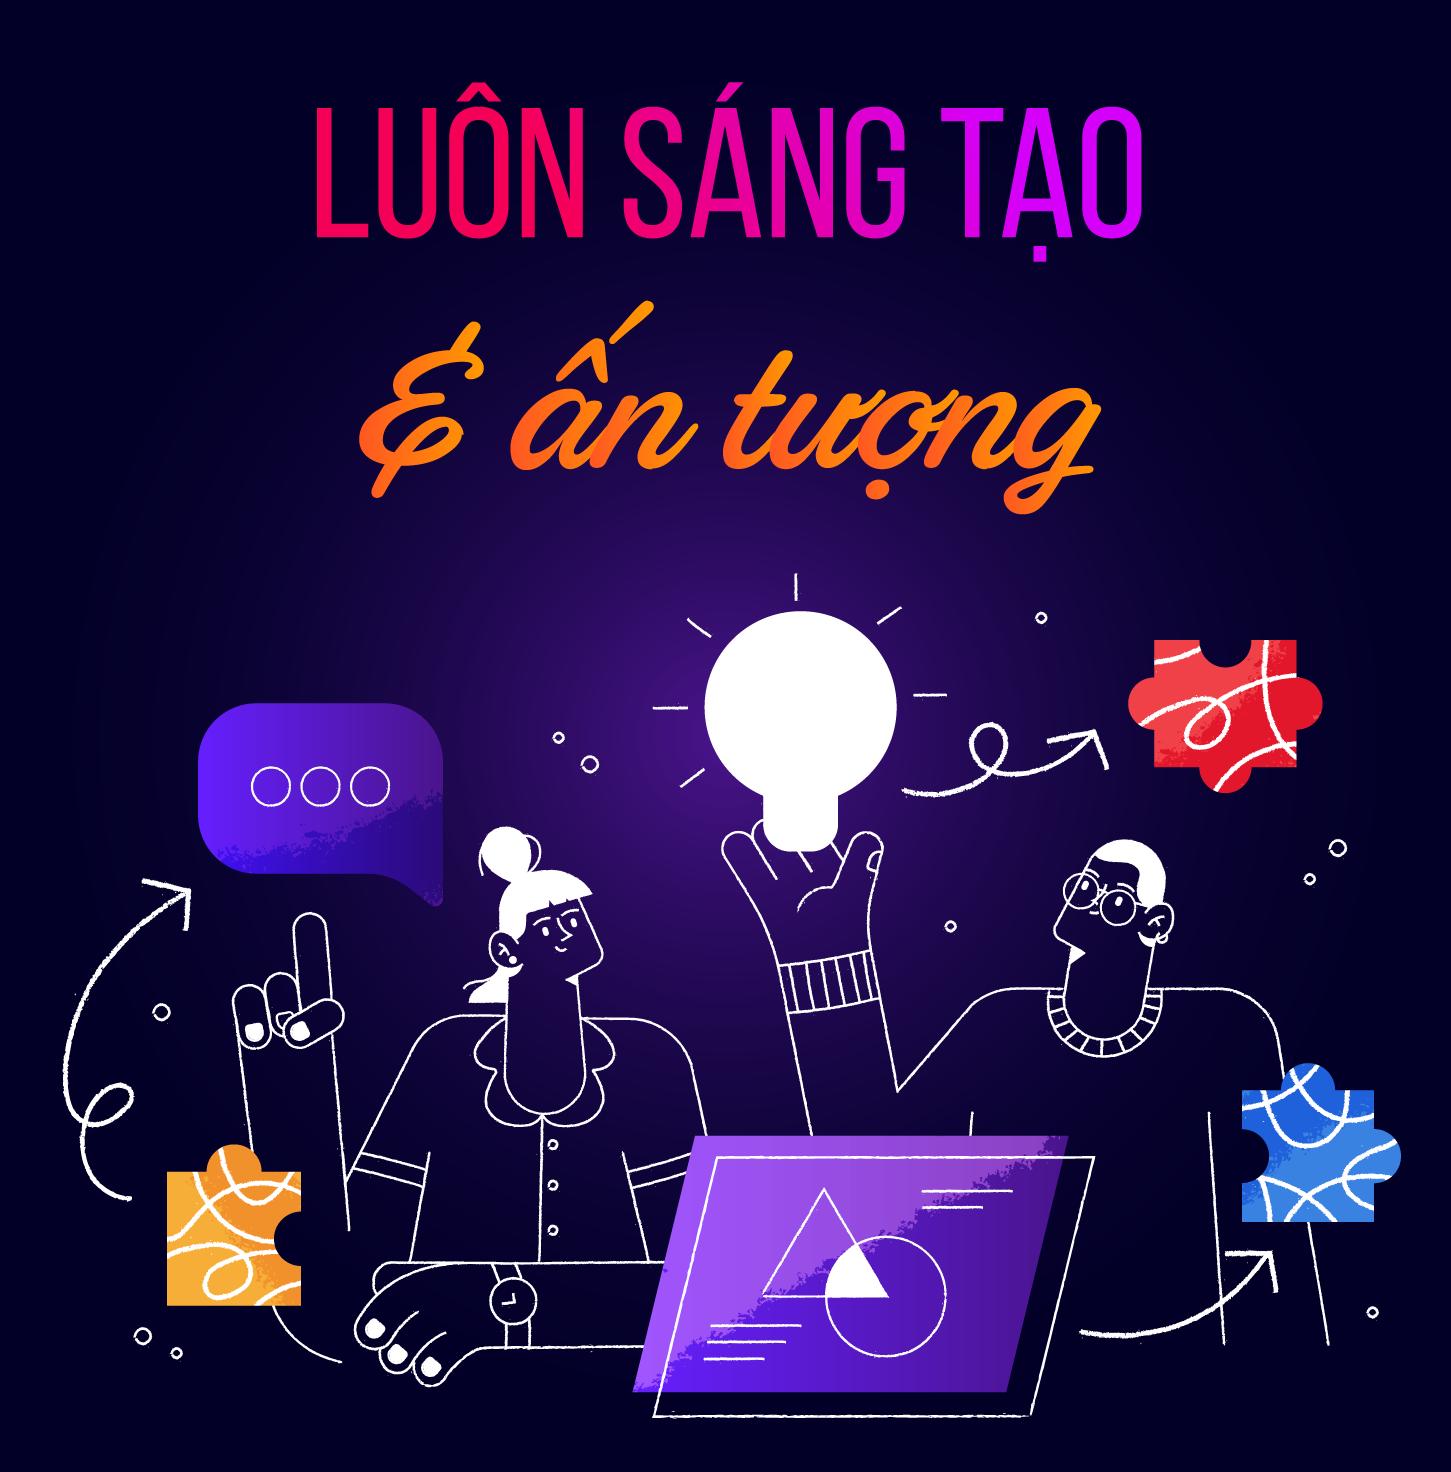 luon-sang-tao-va-an-tuong